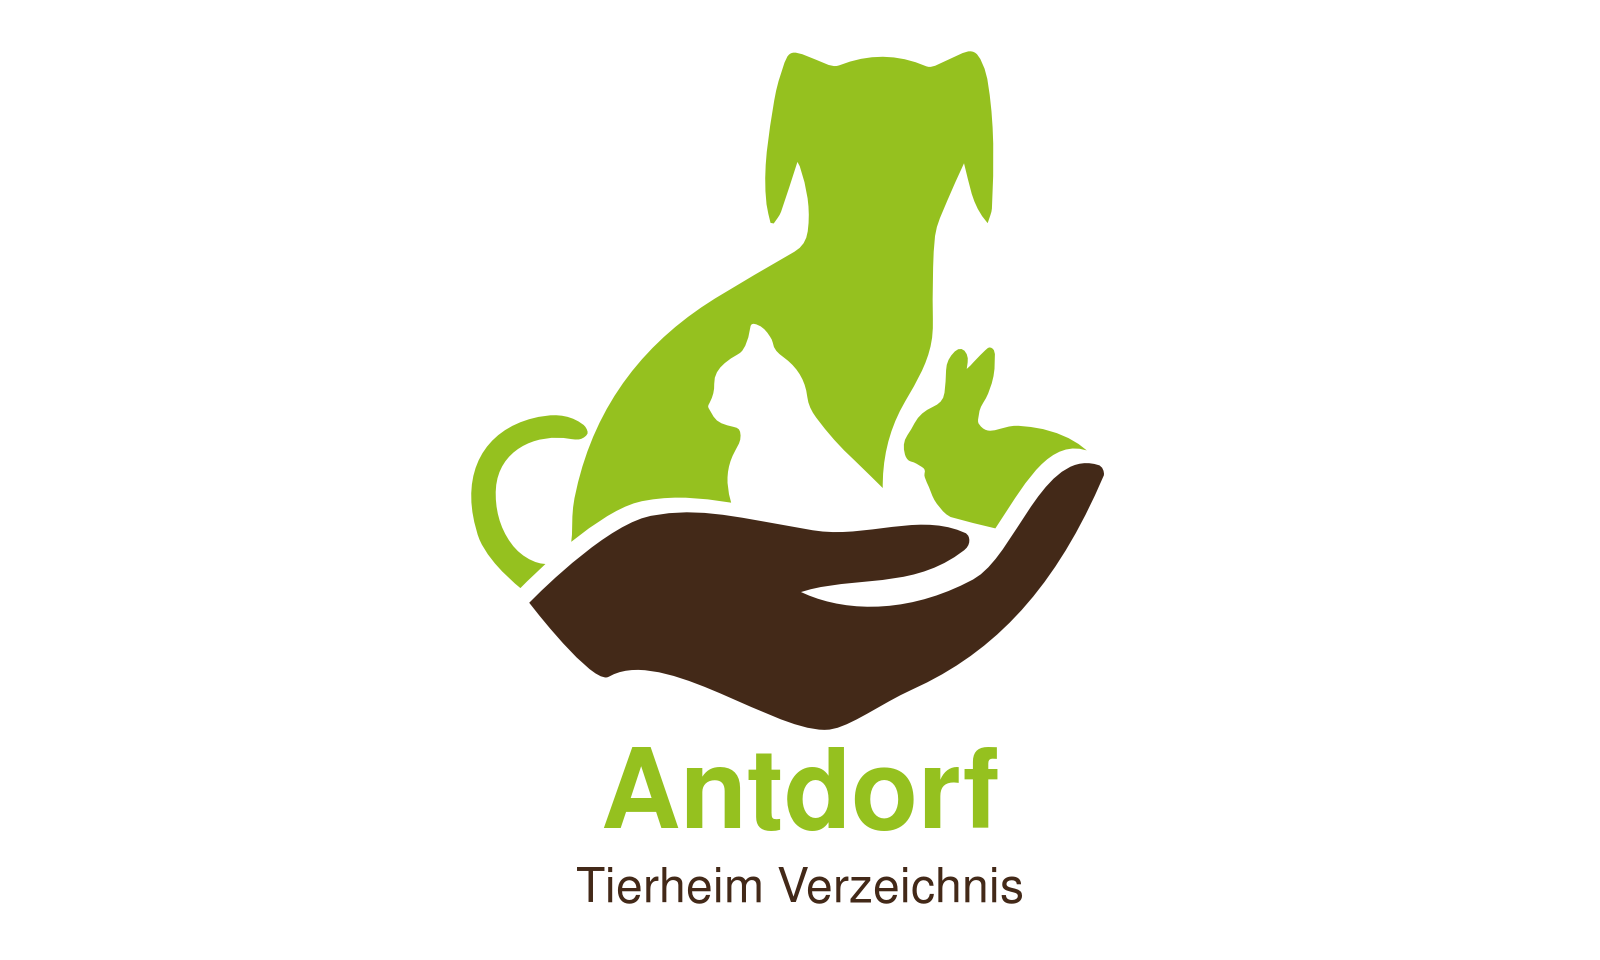 Tierheim Antdorf